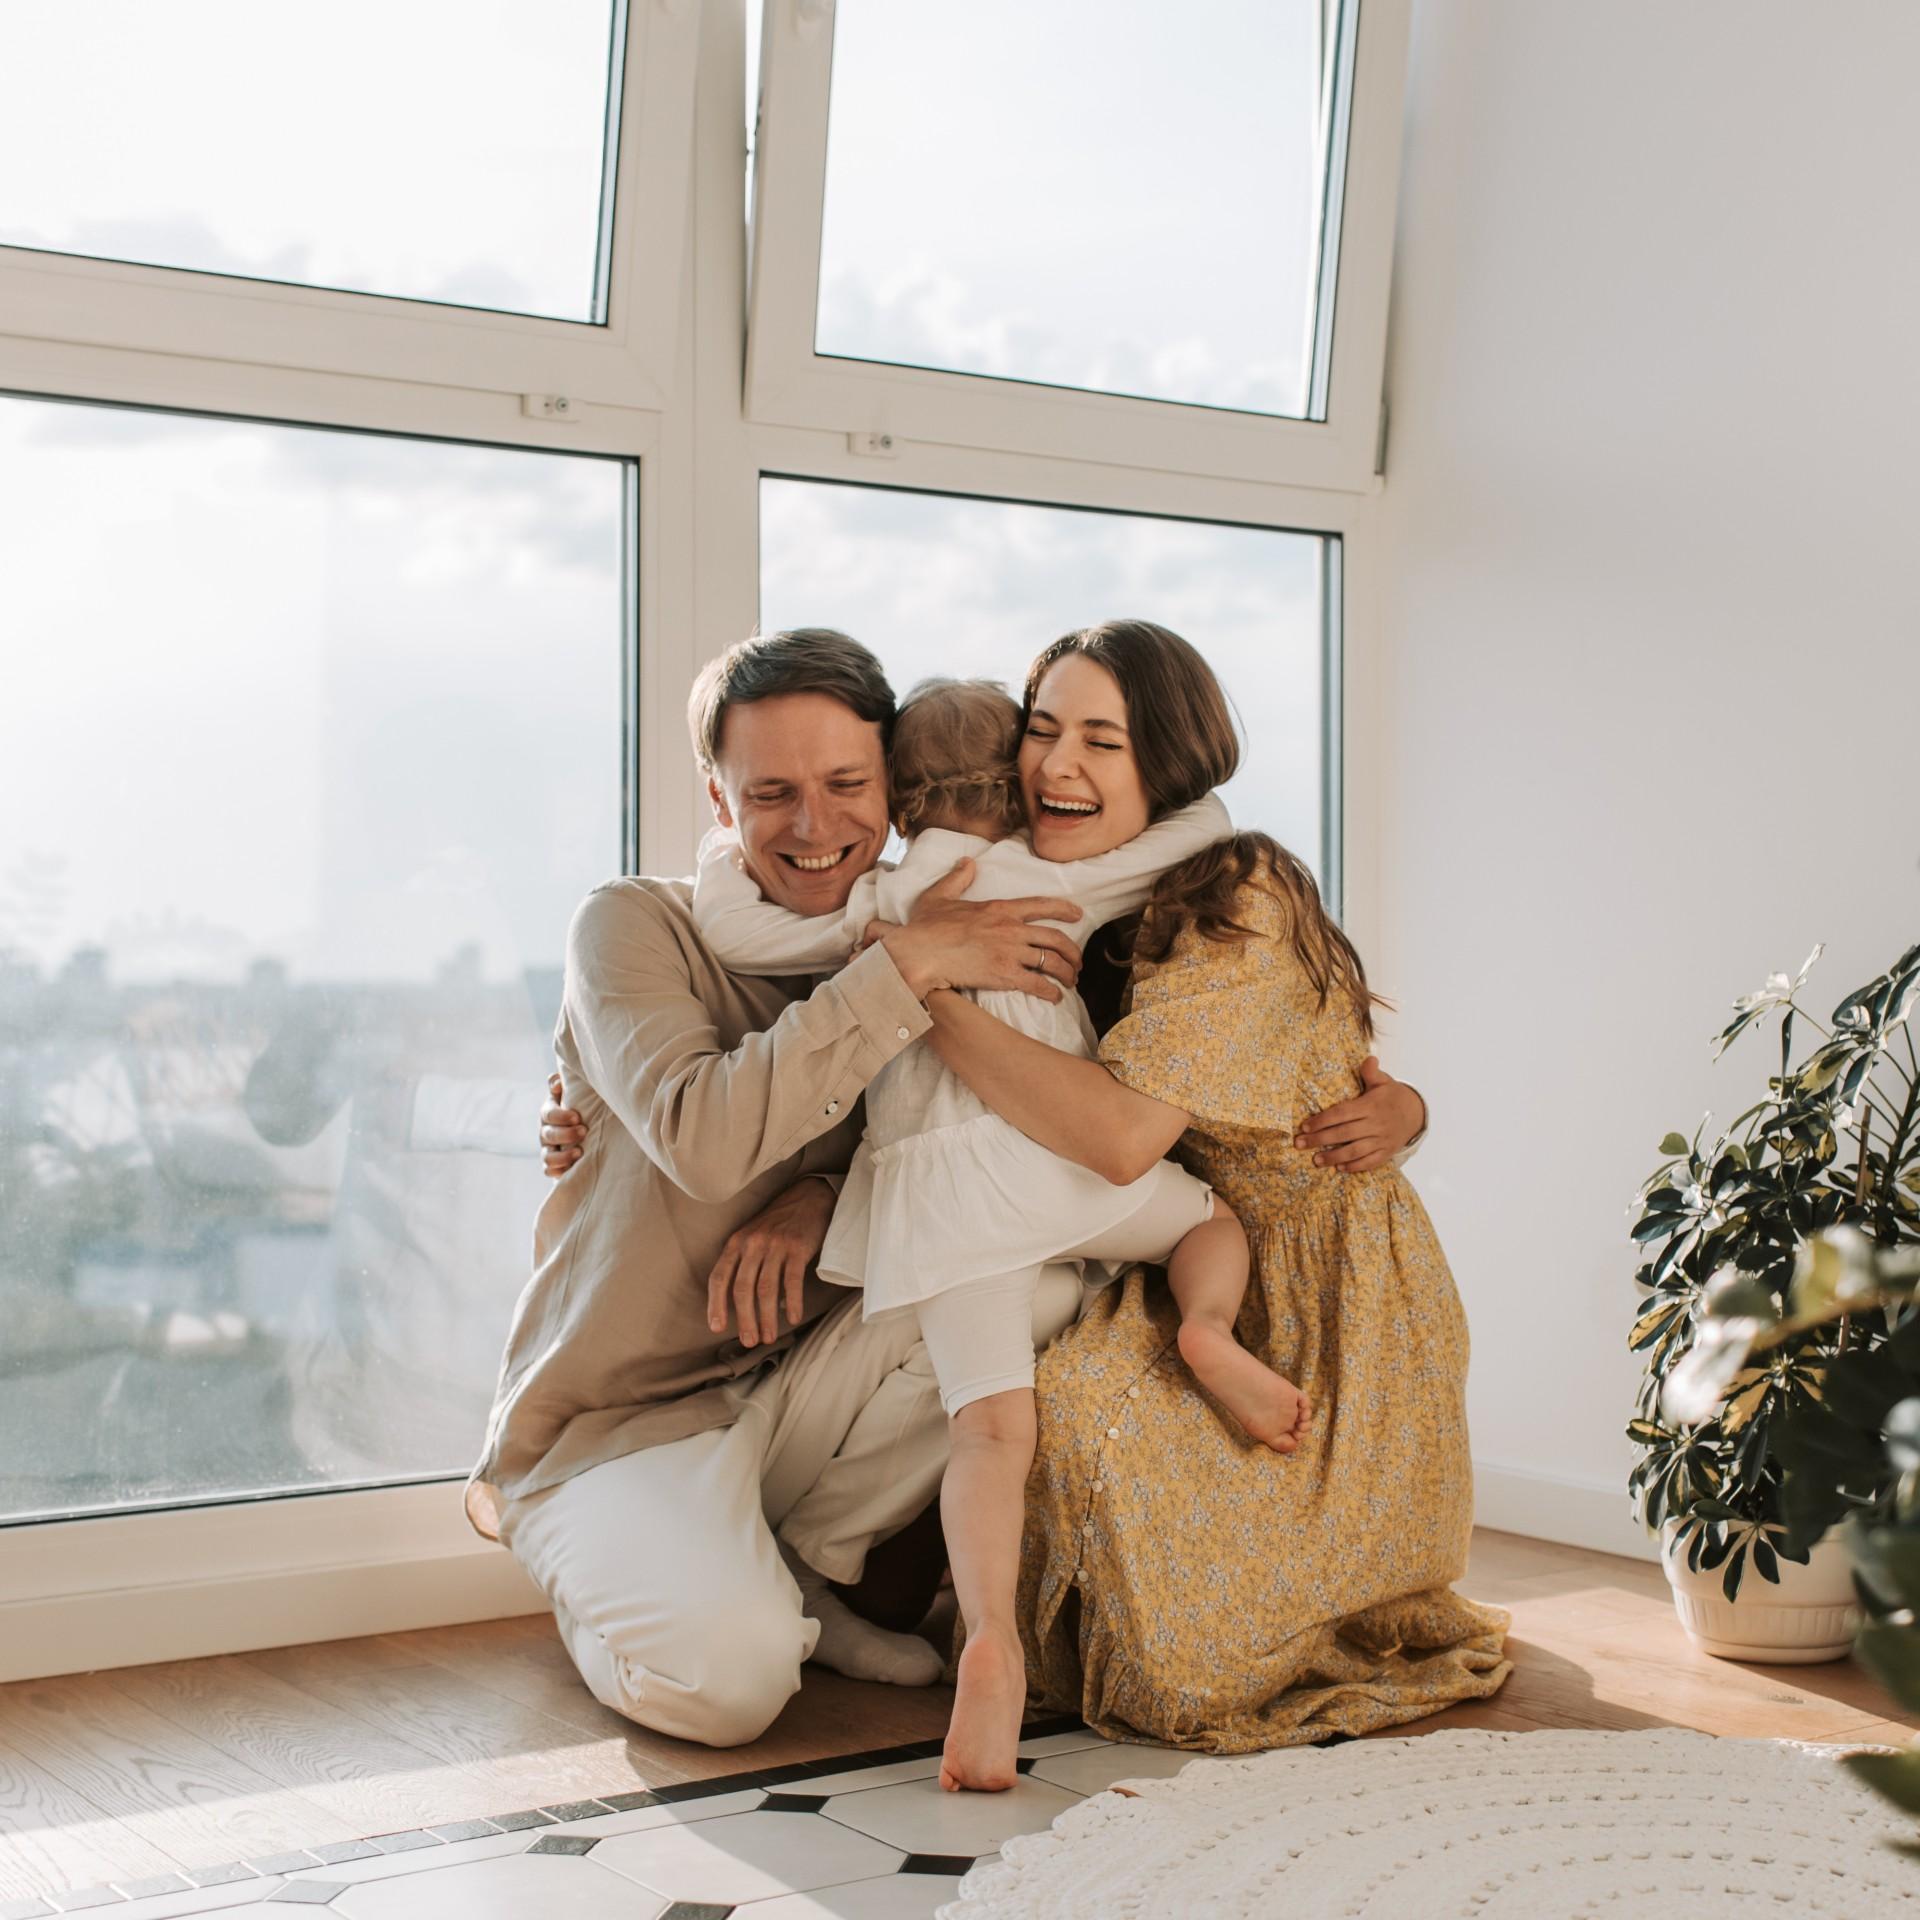 La familia y el hogar son la clave del bienestar para más del 80% de los españoles